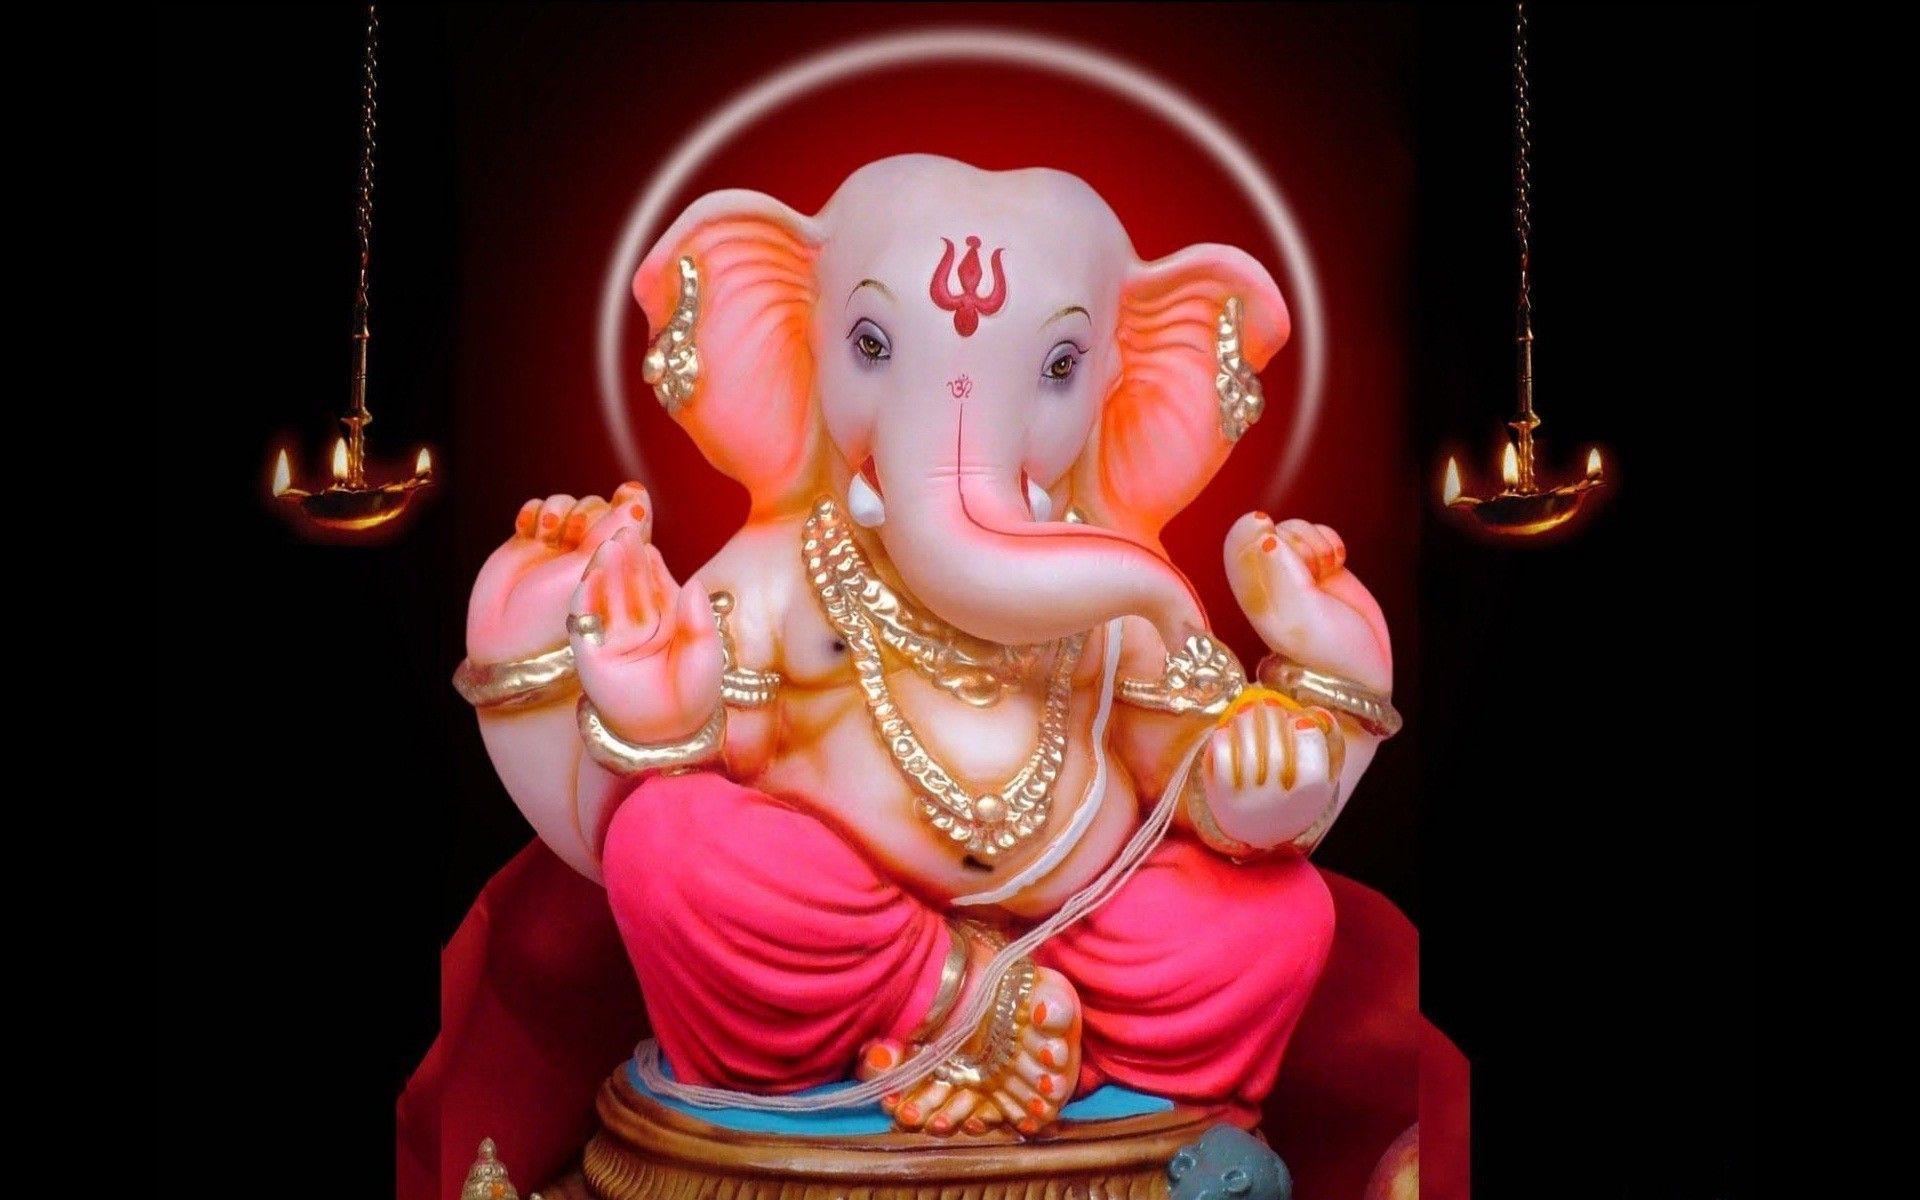 1920x1200 Hình ảnh của Chúa Ganesha hình nền